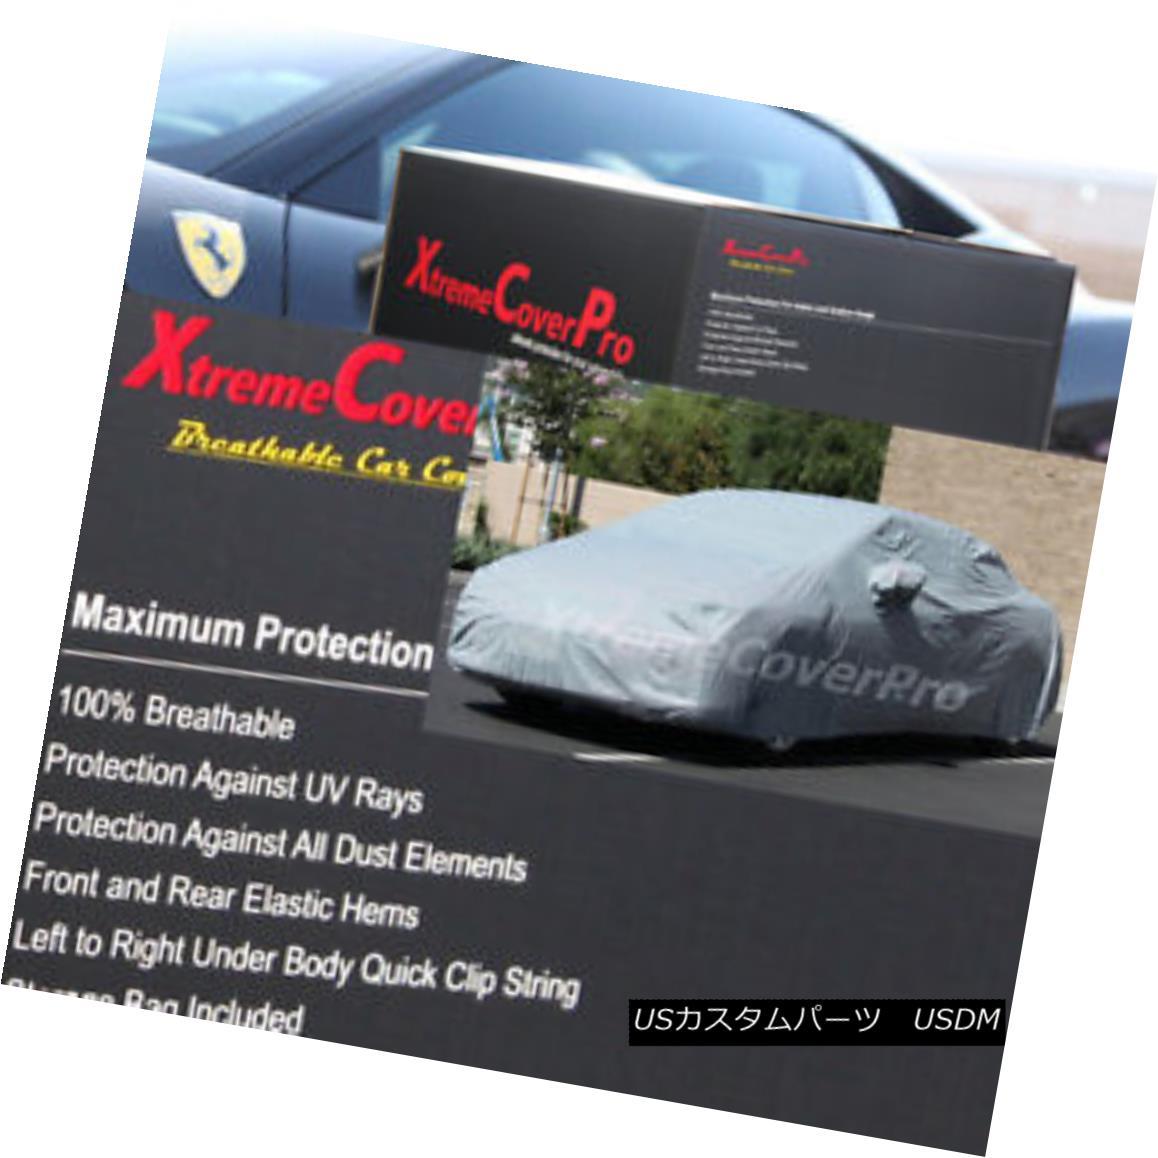 カーカバー 2013 Dodge Dart Breathable Car Cover w/MirrorPocket MirrorPocketで2013ダッジダーツ通気性の車カバー